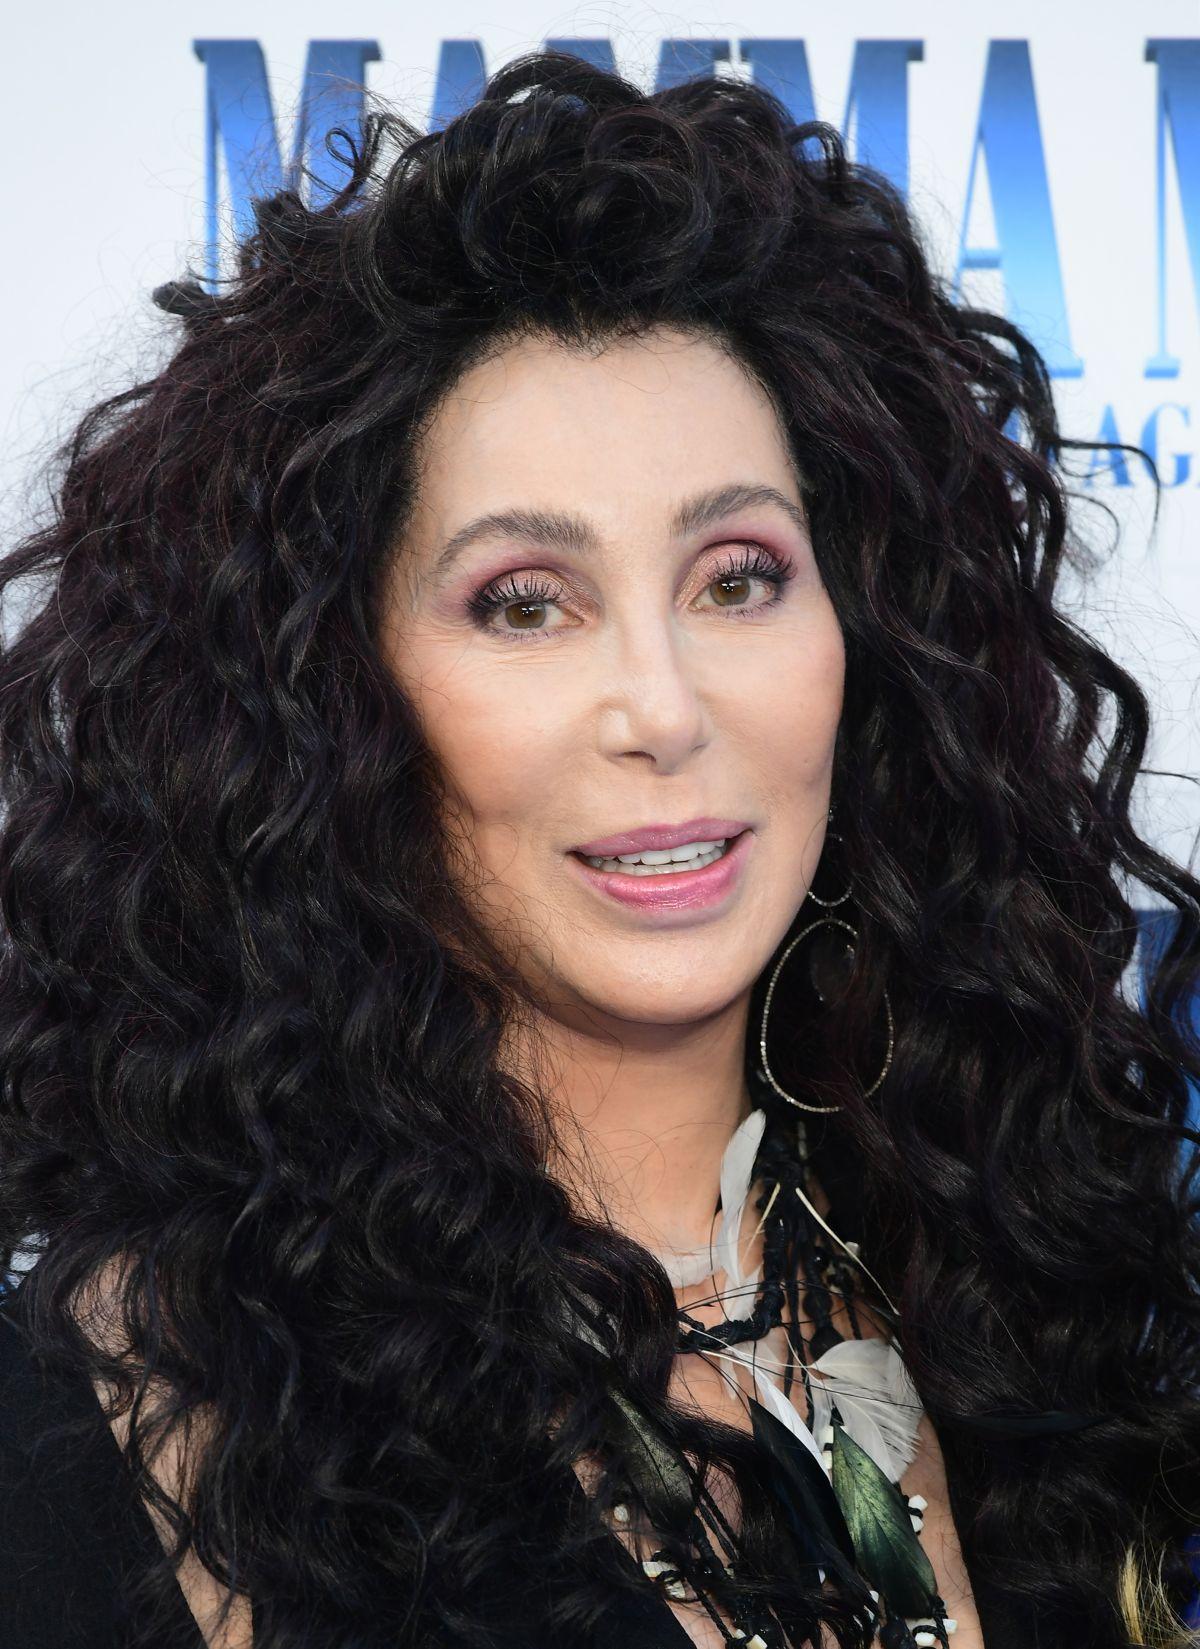 Cher At Mamma Mia Here We Go Again Premiere In London 07